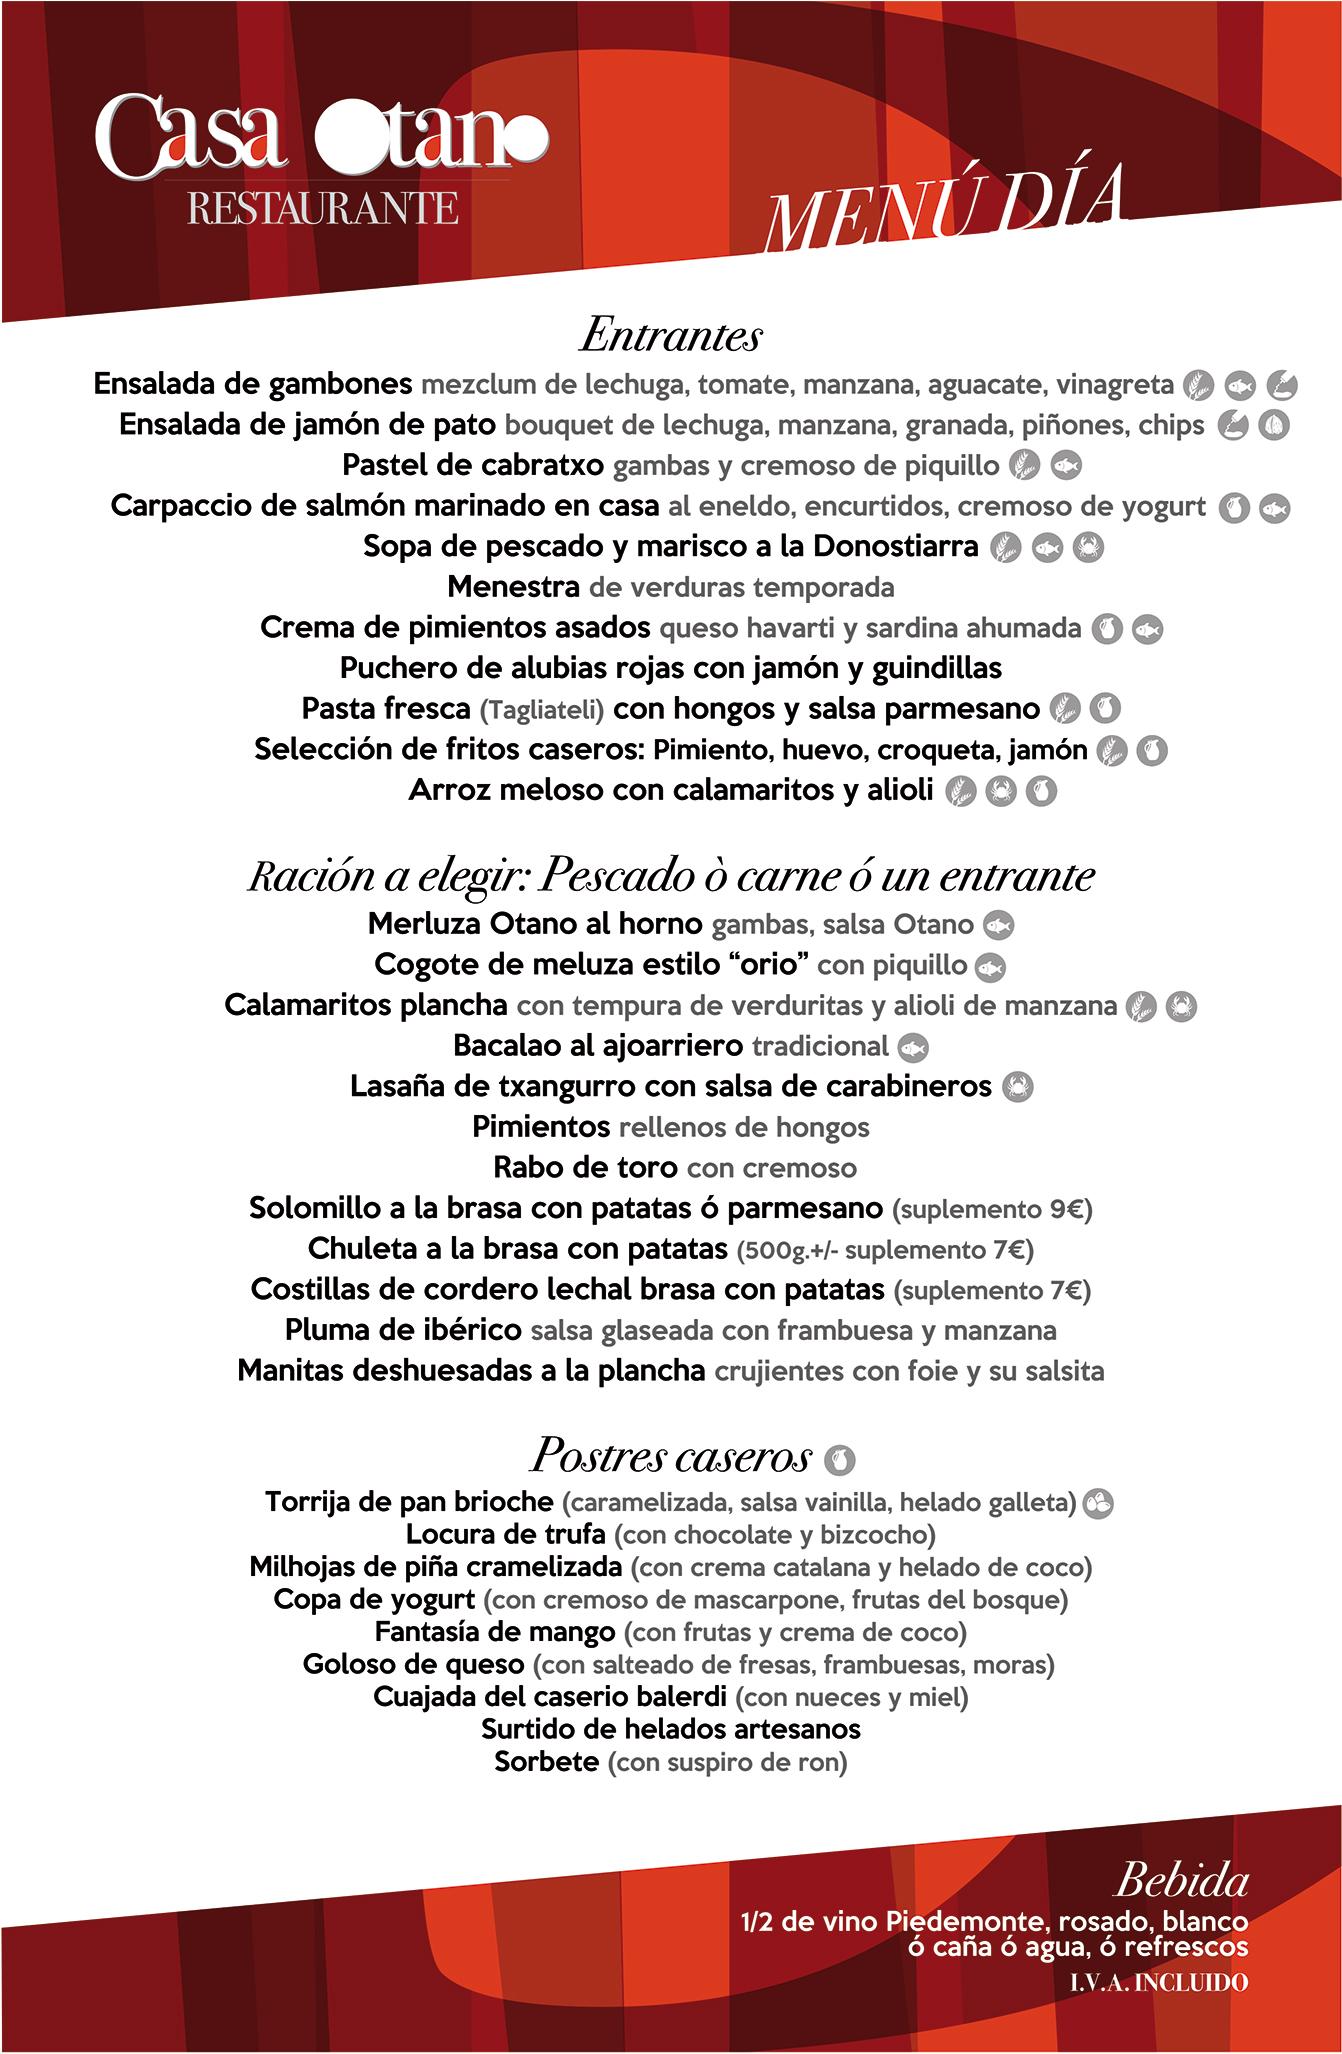 menu dia mayo